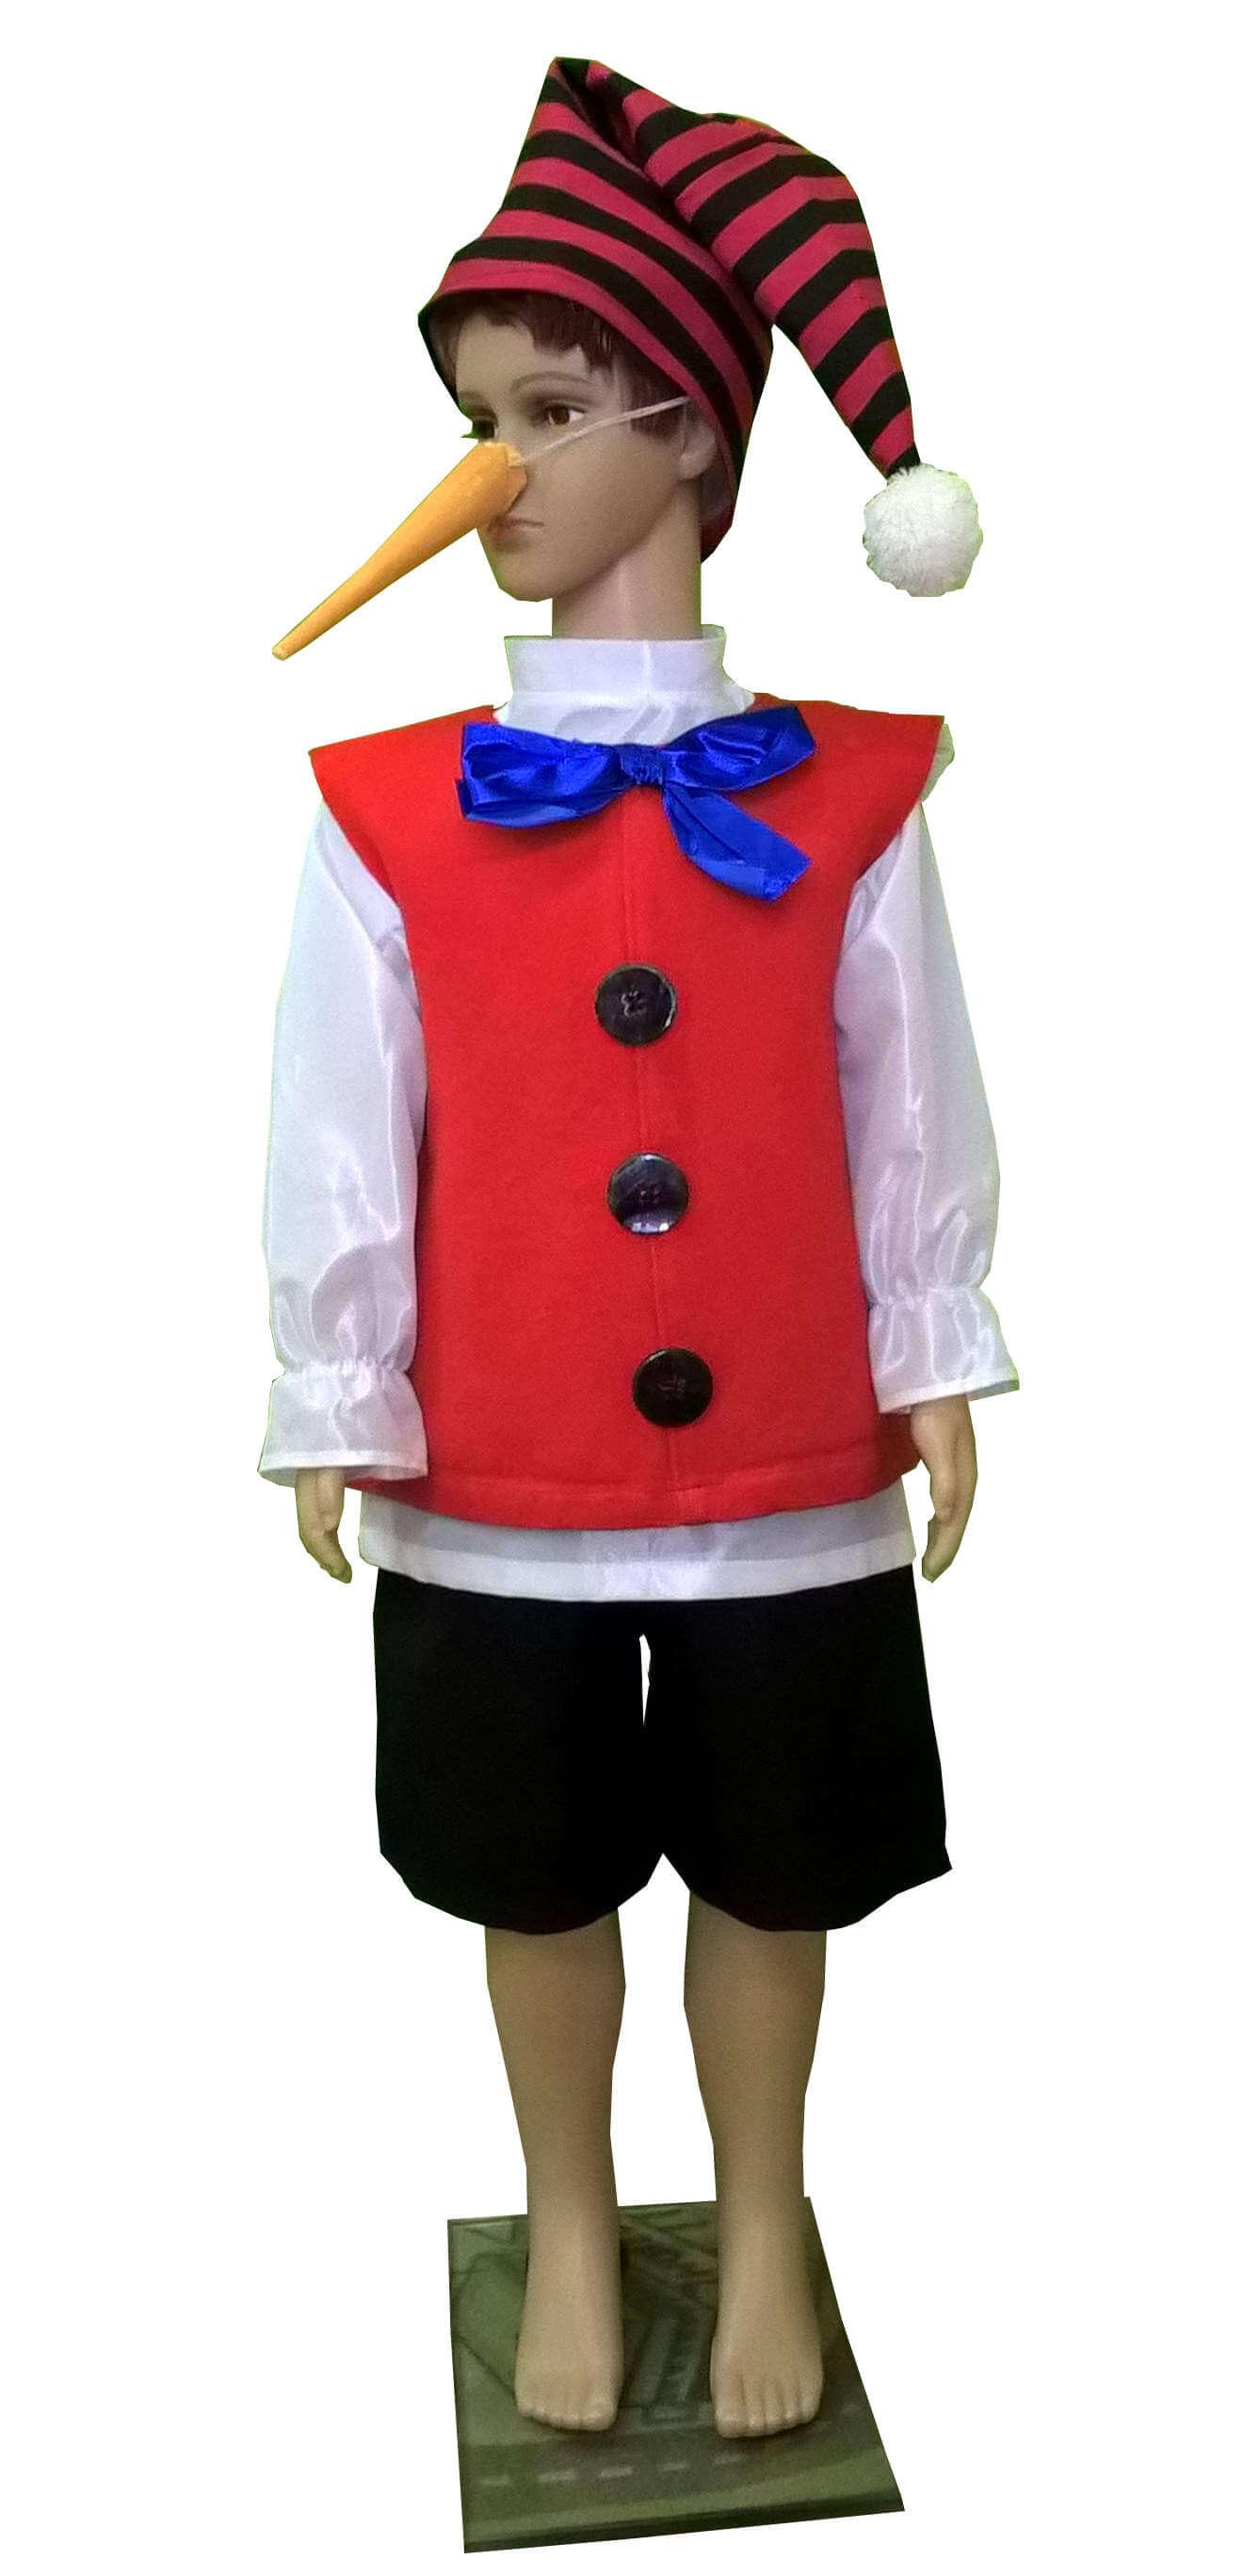 Pinokio kostiumas. костюм Буратино. Костюм Пиноккио. pinokio kostiumo nuoma. Buratino kostiumas.Įvairių pasakų ir filmų personažų karnavaliniai drabužiai. Karnavaliniu kostiumu nuoma vaikams Vilniuje - pasakunamai.lt